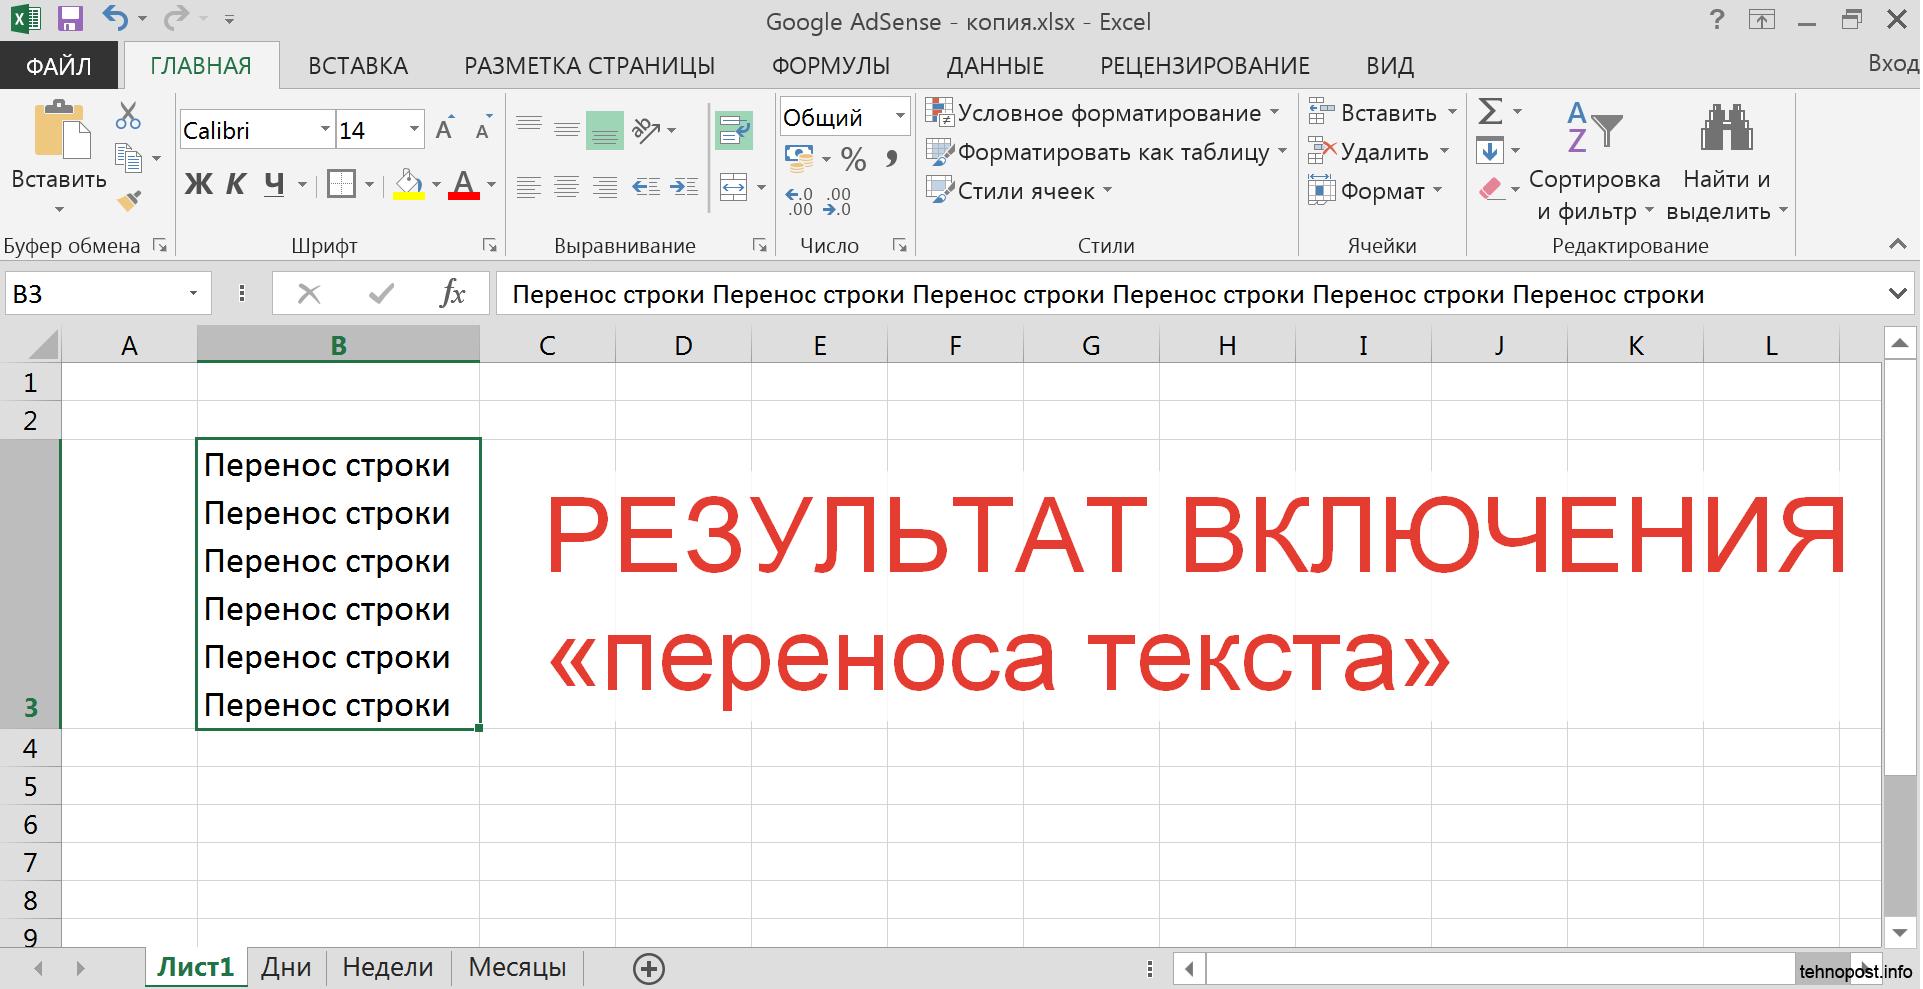 Закрепление областей окна для блокировки строк и столбцов - Excel